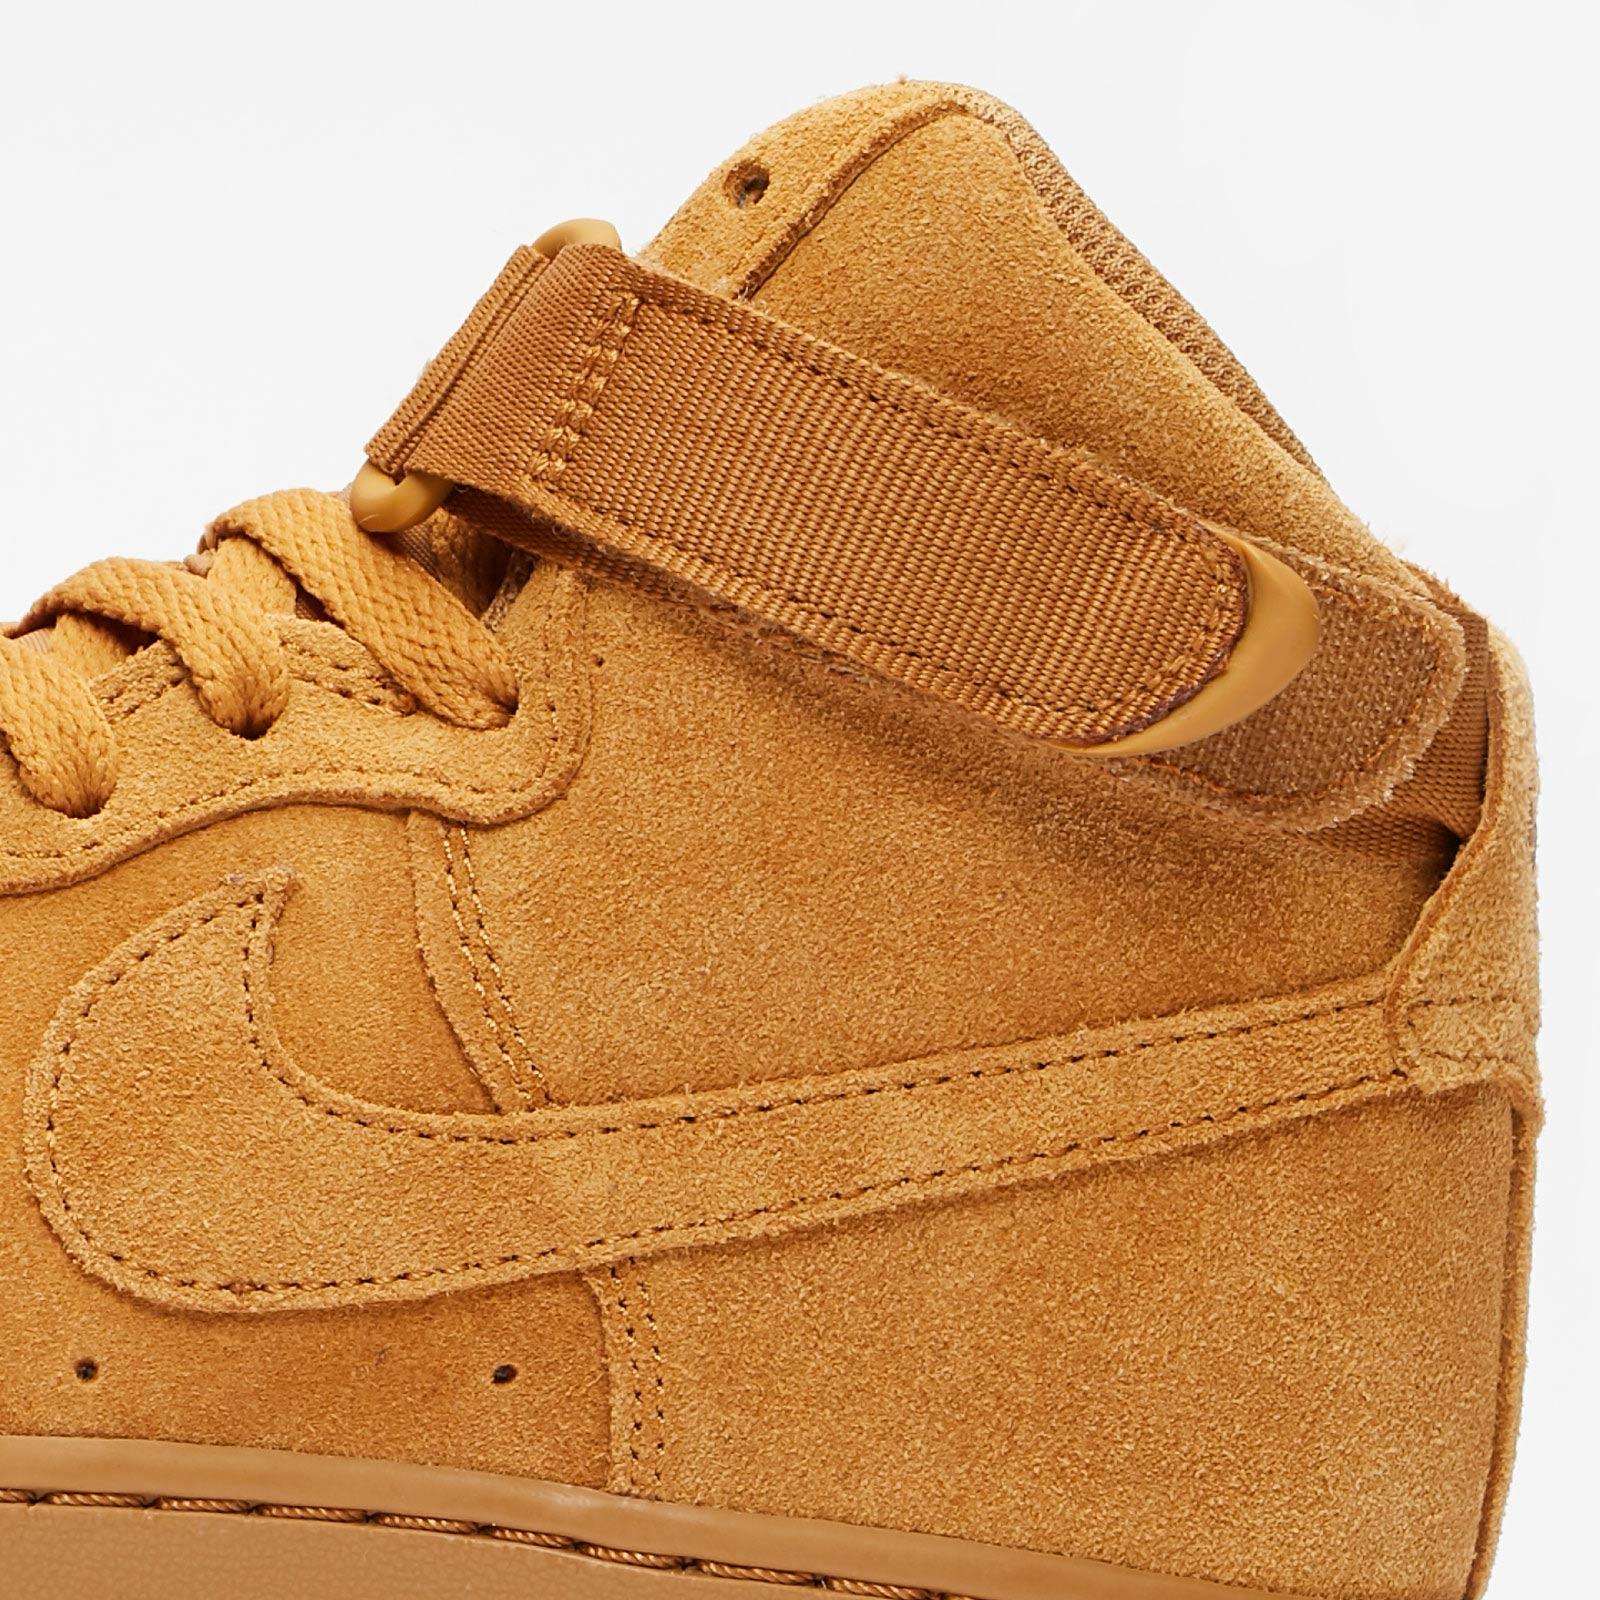 Shoes NIKE Air Force 1 High Lv8 (GS) 807617 701 Wheat